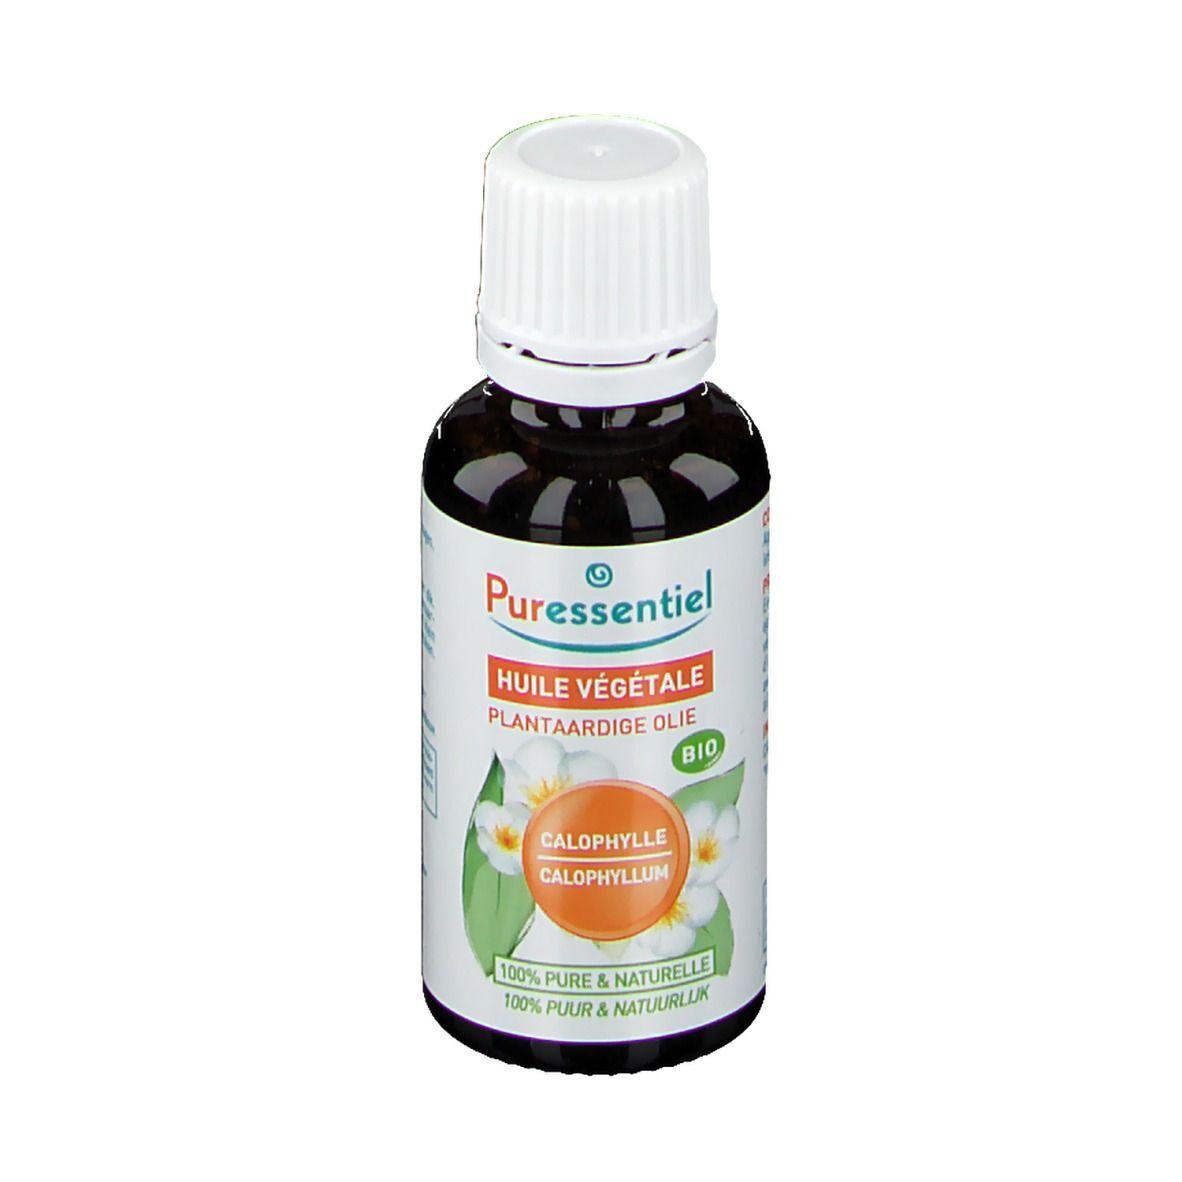 Puressentiel Huile Végétale Bio Calophylle ml huile